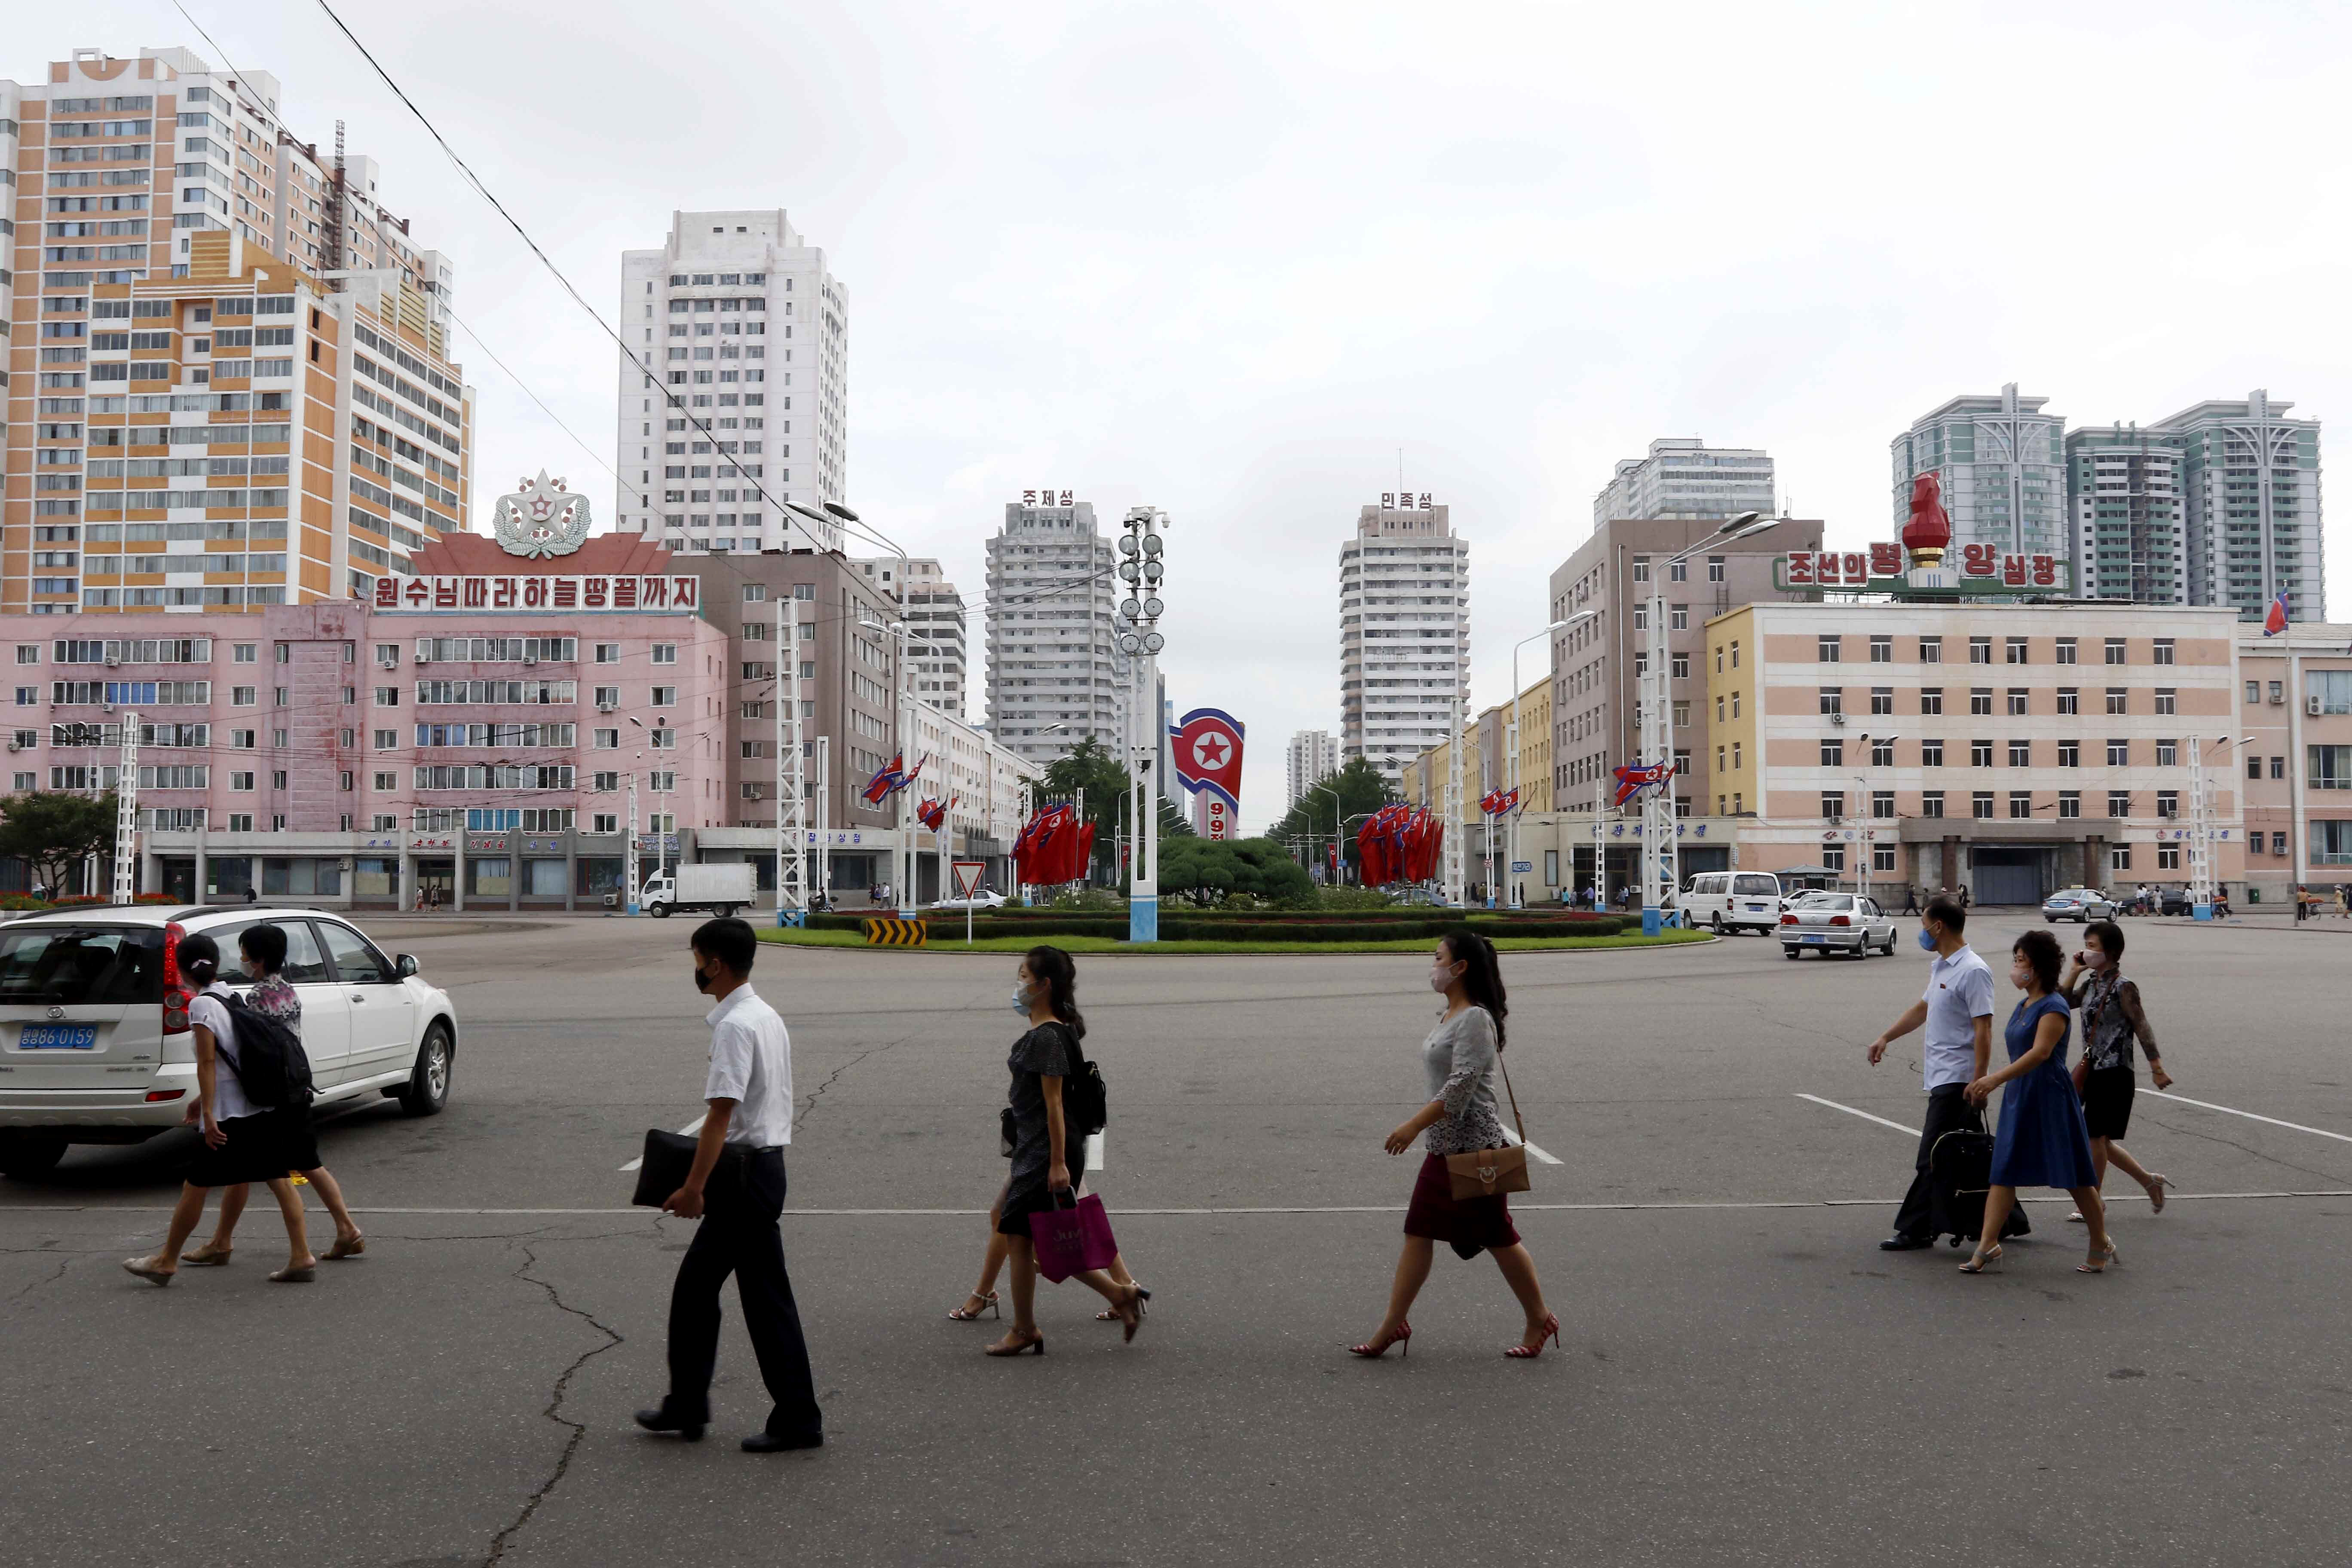 ▲▼菁英階層的脫北,顯示北韓社會面臨高度存疑與不安。(圖/達志影像/美聯社)